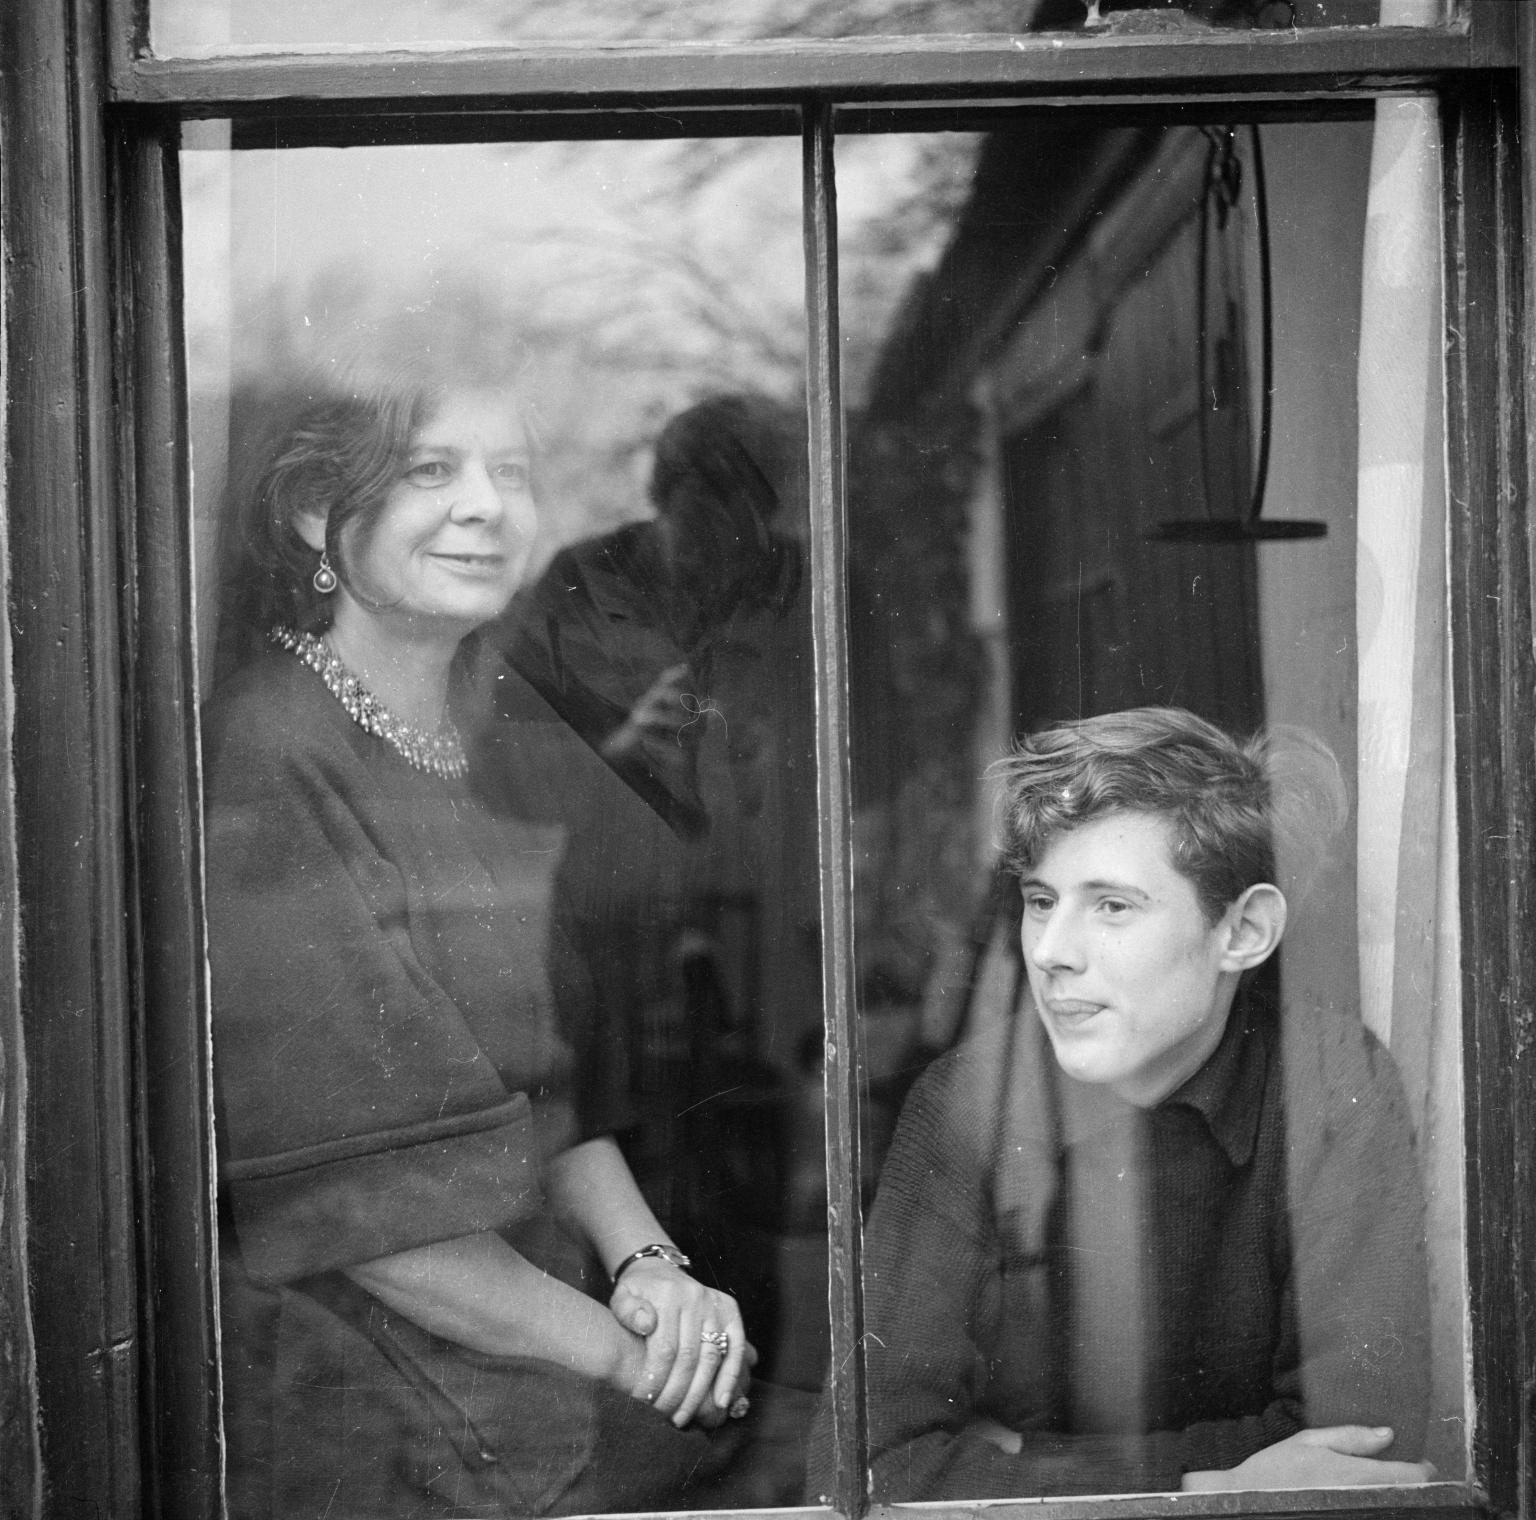 Маргарет Гардинер и ее сын   Мартин смотрят в окно